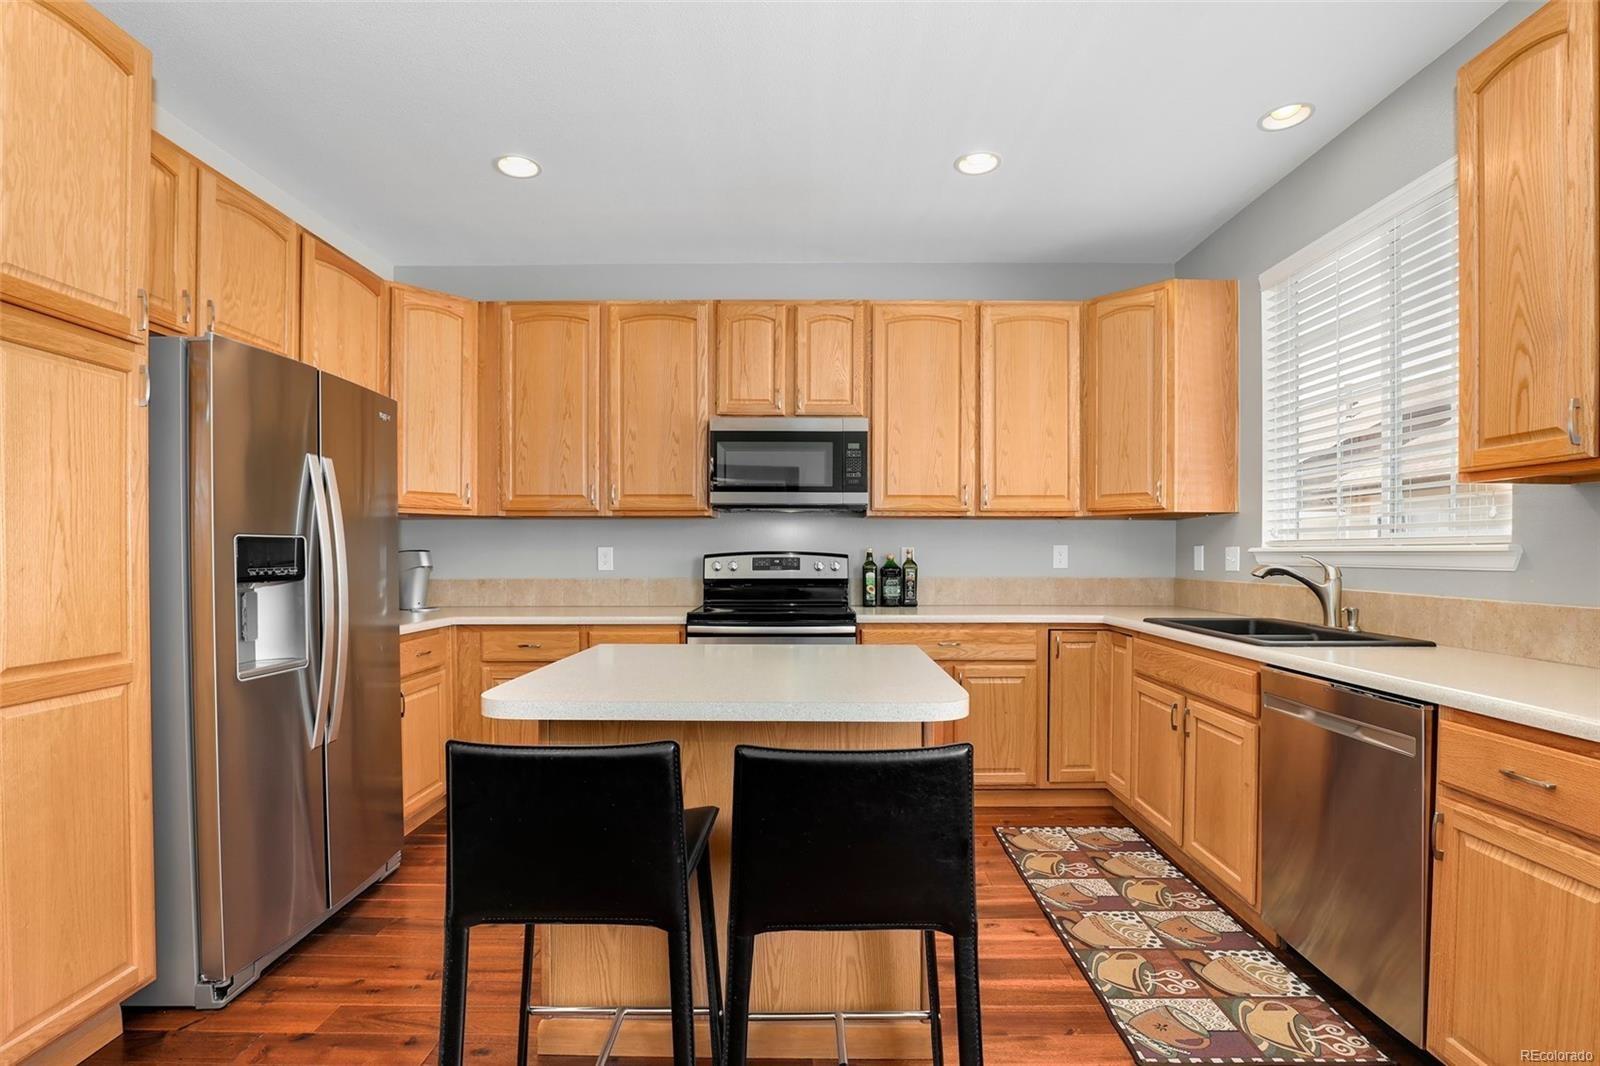 MLS# 4952290 - 11 - 1418 Turnberry Drive, Castle Rock, CO 80104